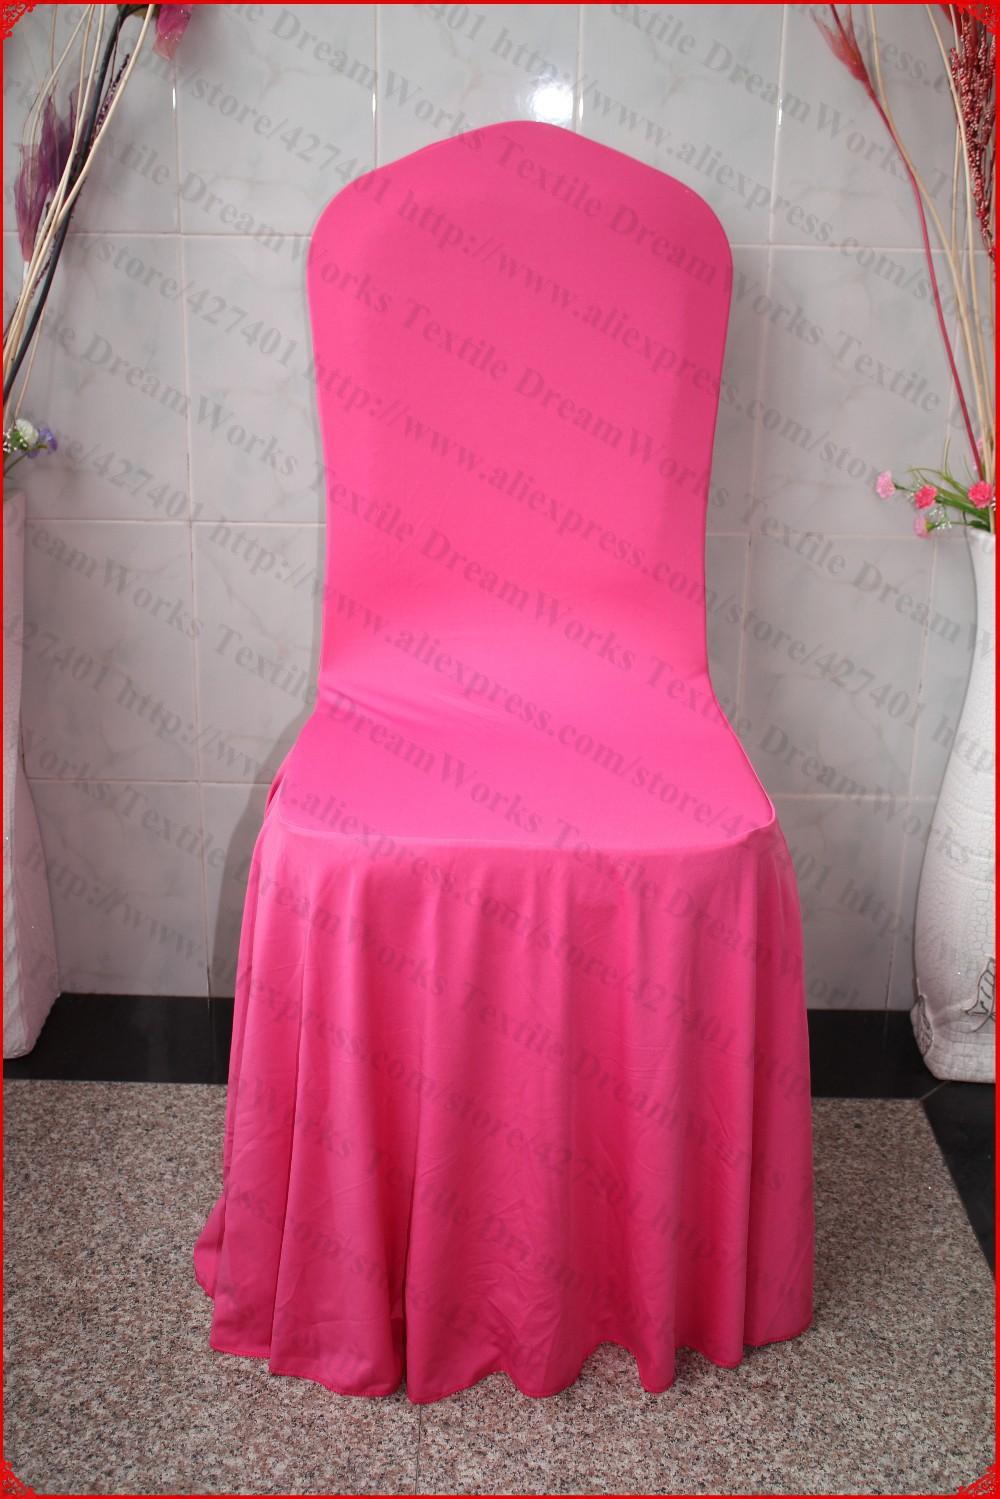 Cahaya Perak Elegan Lipit Swag Spandex Kursi Penutup Lycra Comport Carpet Karpet Mercy B200 Premium 2cm Pls Cek Warna Dari Bagan Kami